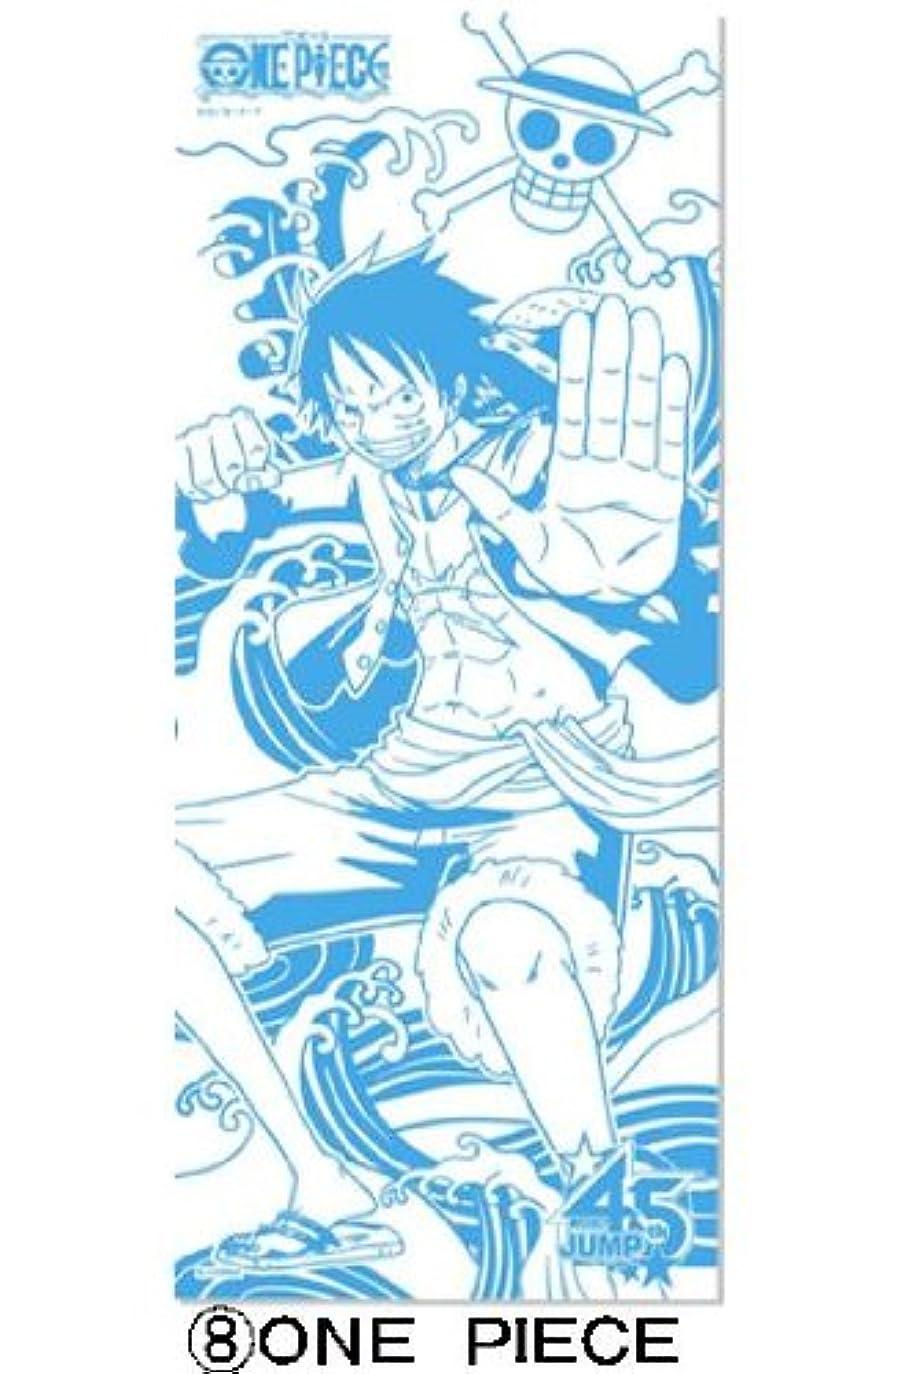 に渡って保護ベックス週刊少年ジャンプ45周年記念J-STARS ミニ手ぬぐい付き入浴剤(ワンピース)